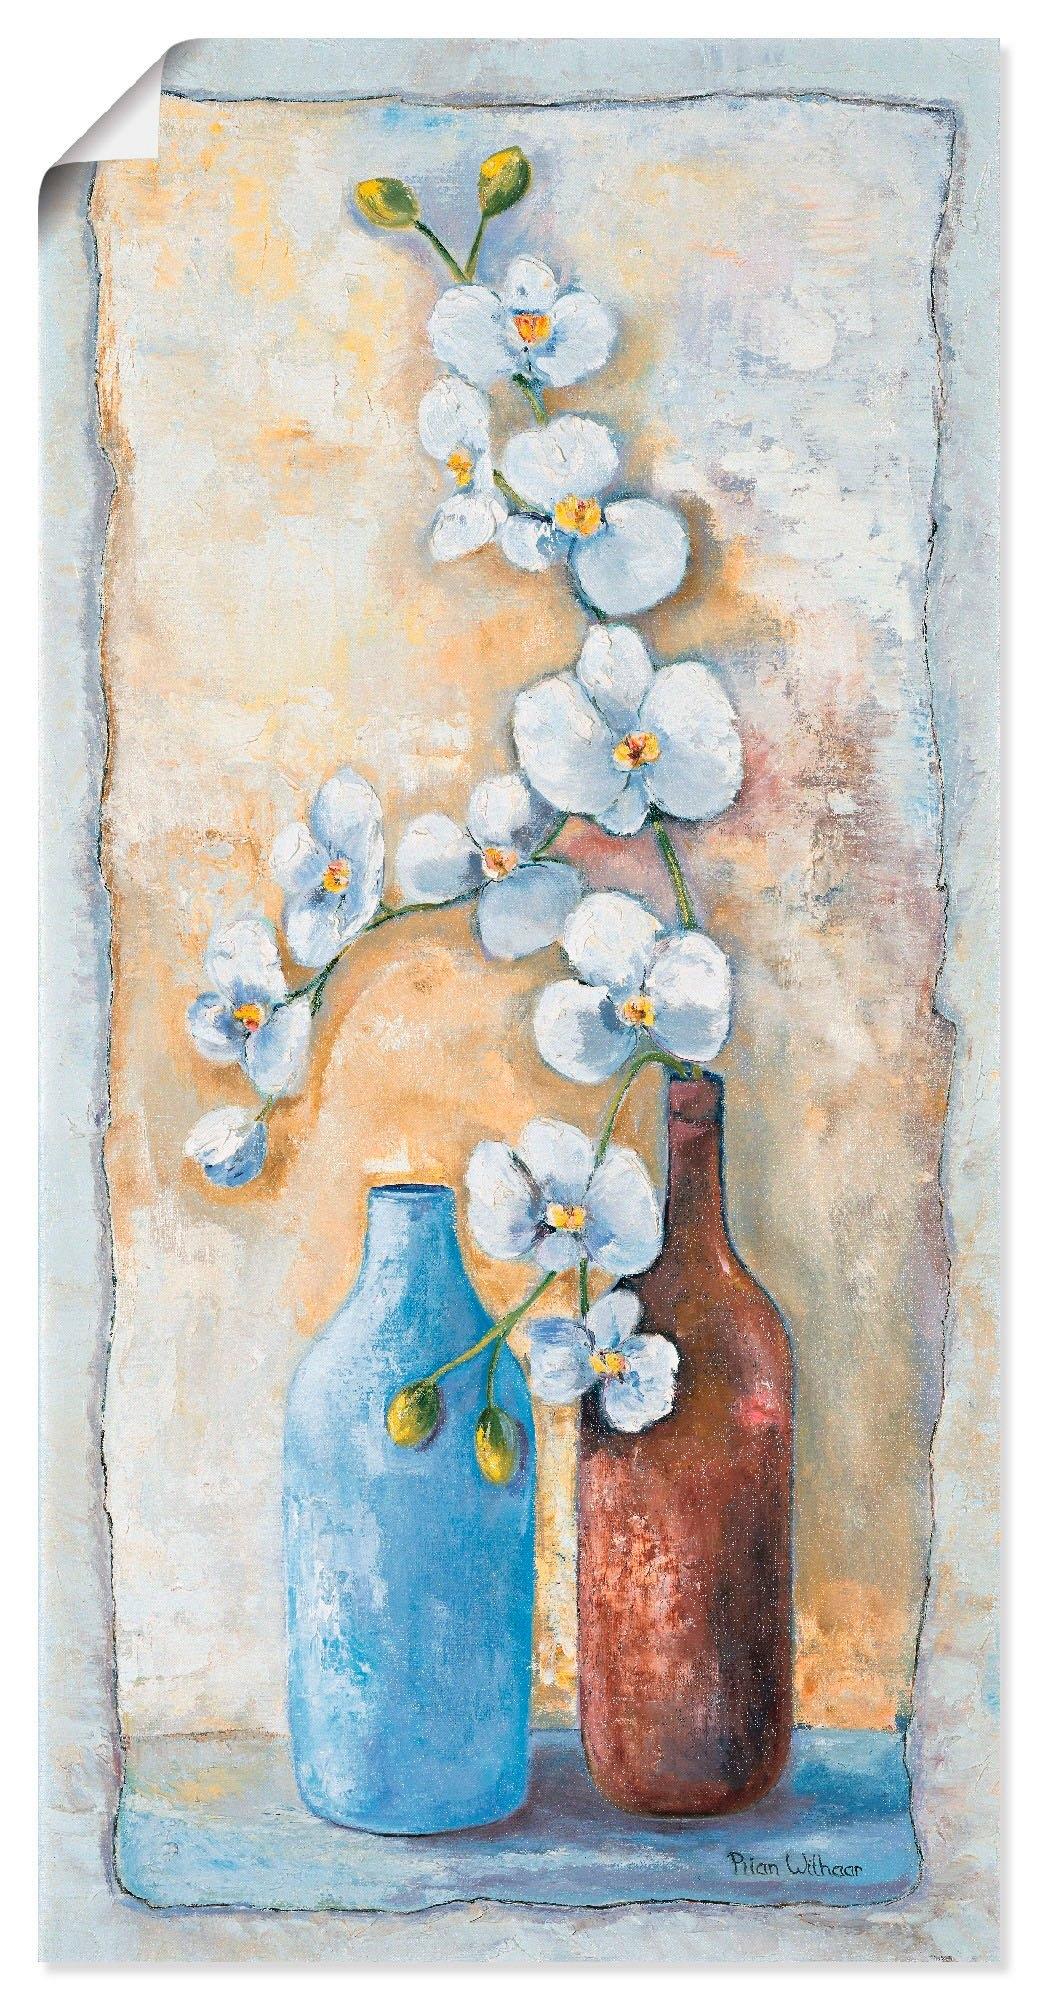 Artland artprint Orchideeën compositie II in vele afmetingen & productsoorten -artprint op linnen, poster, muursticker / wandfolie ook geschikt voor de badkamer (1 stuk) goedkoop op otto.nl kopen